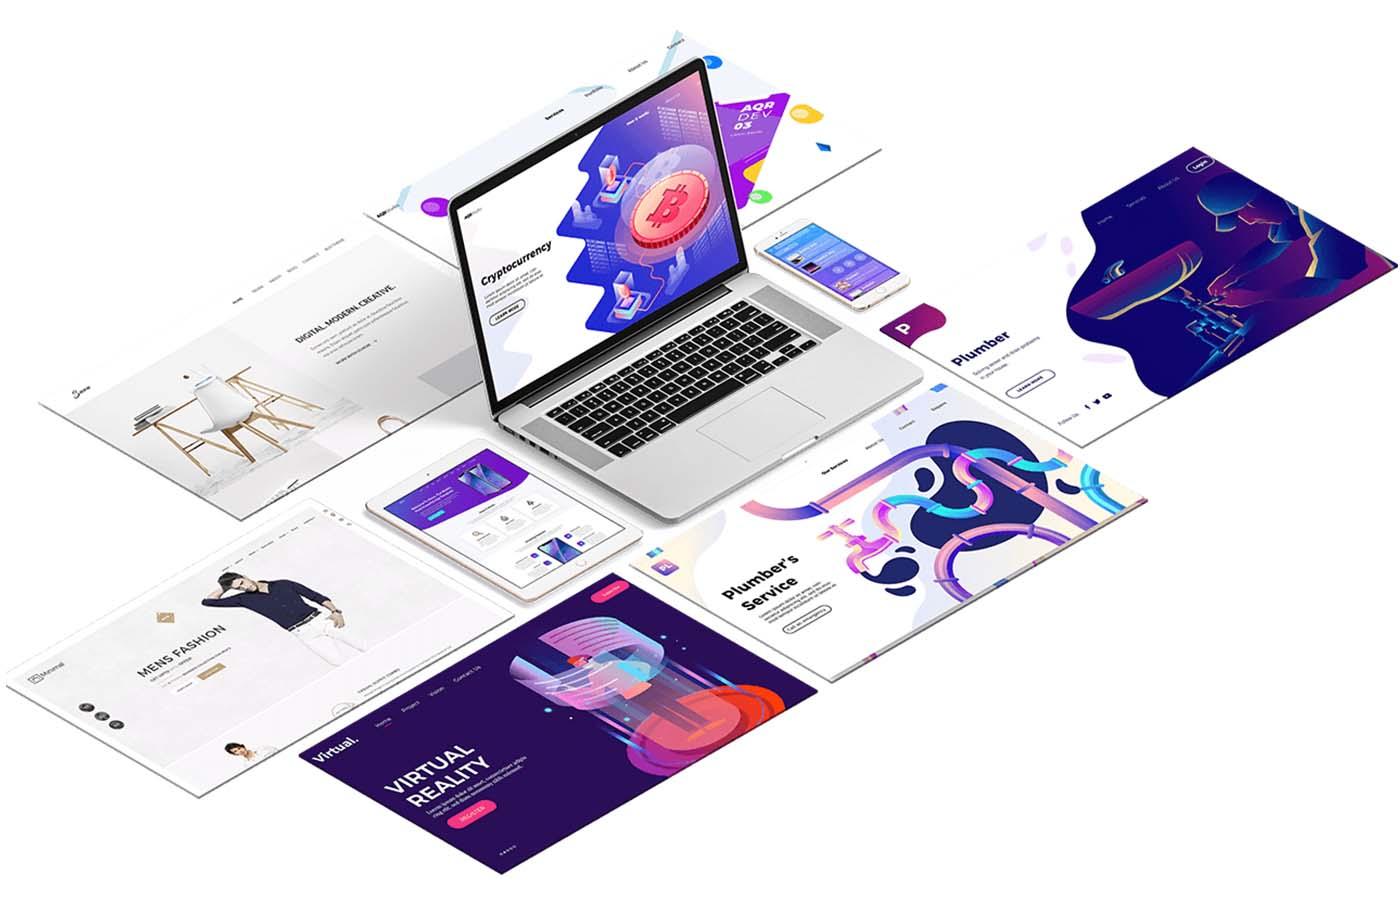 Webdesign website image